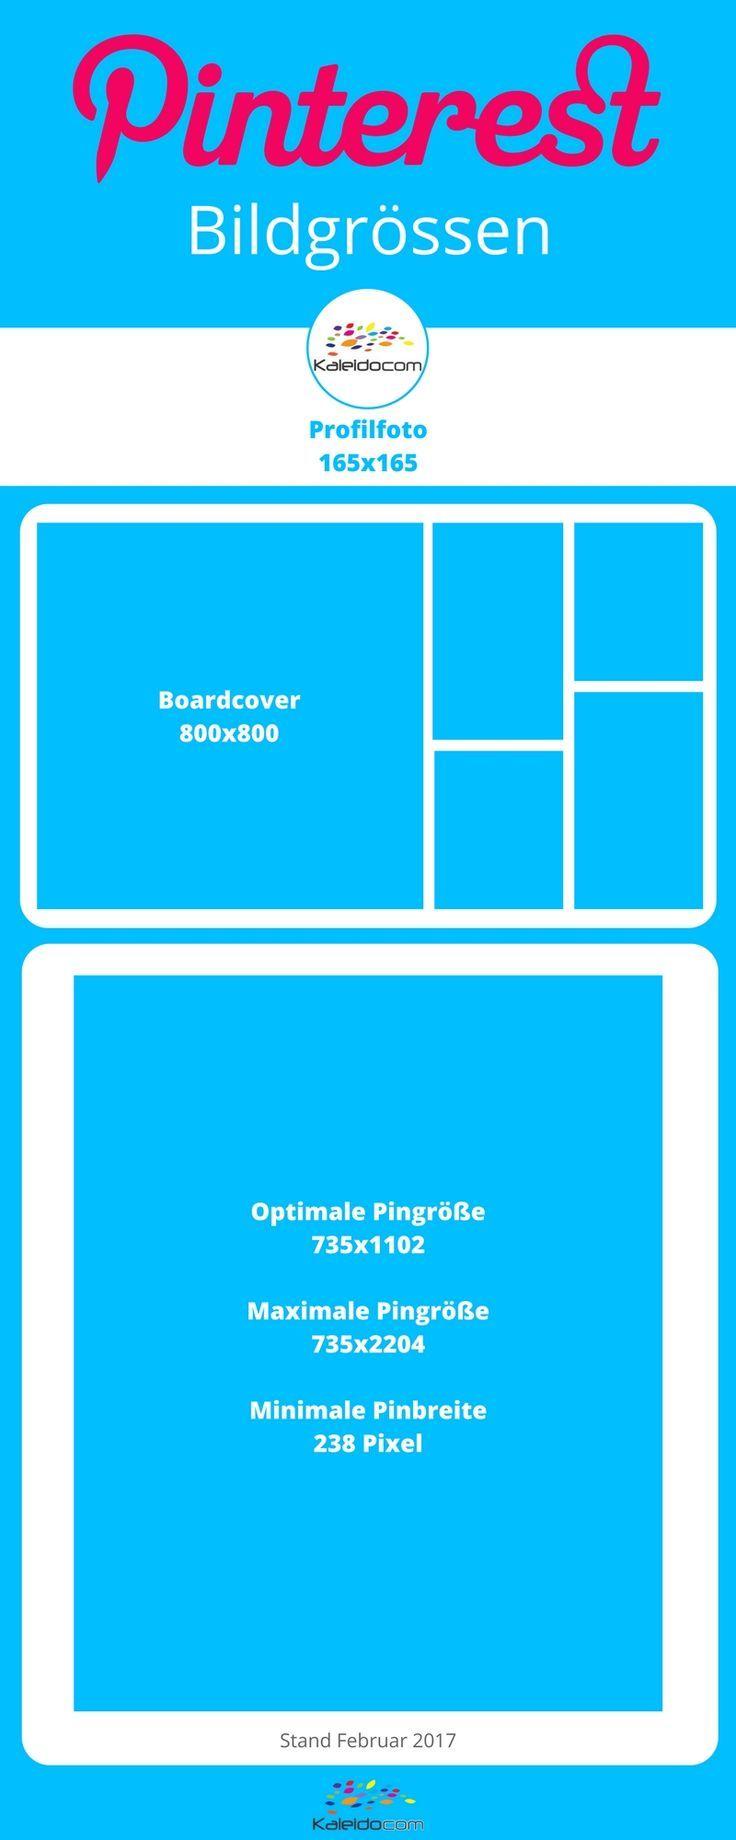 Cheatsheet: Die richtigen Bildgrößen für Pinterest Prodilbild, Boardcover und Pin.